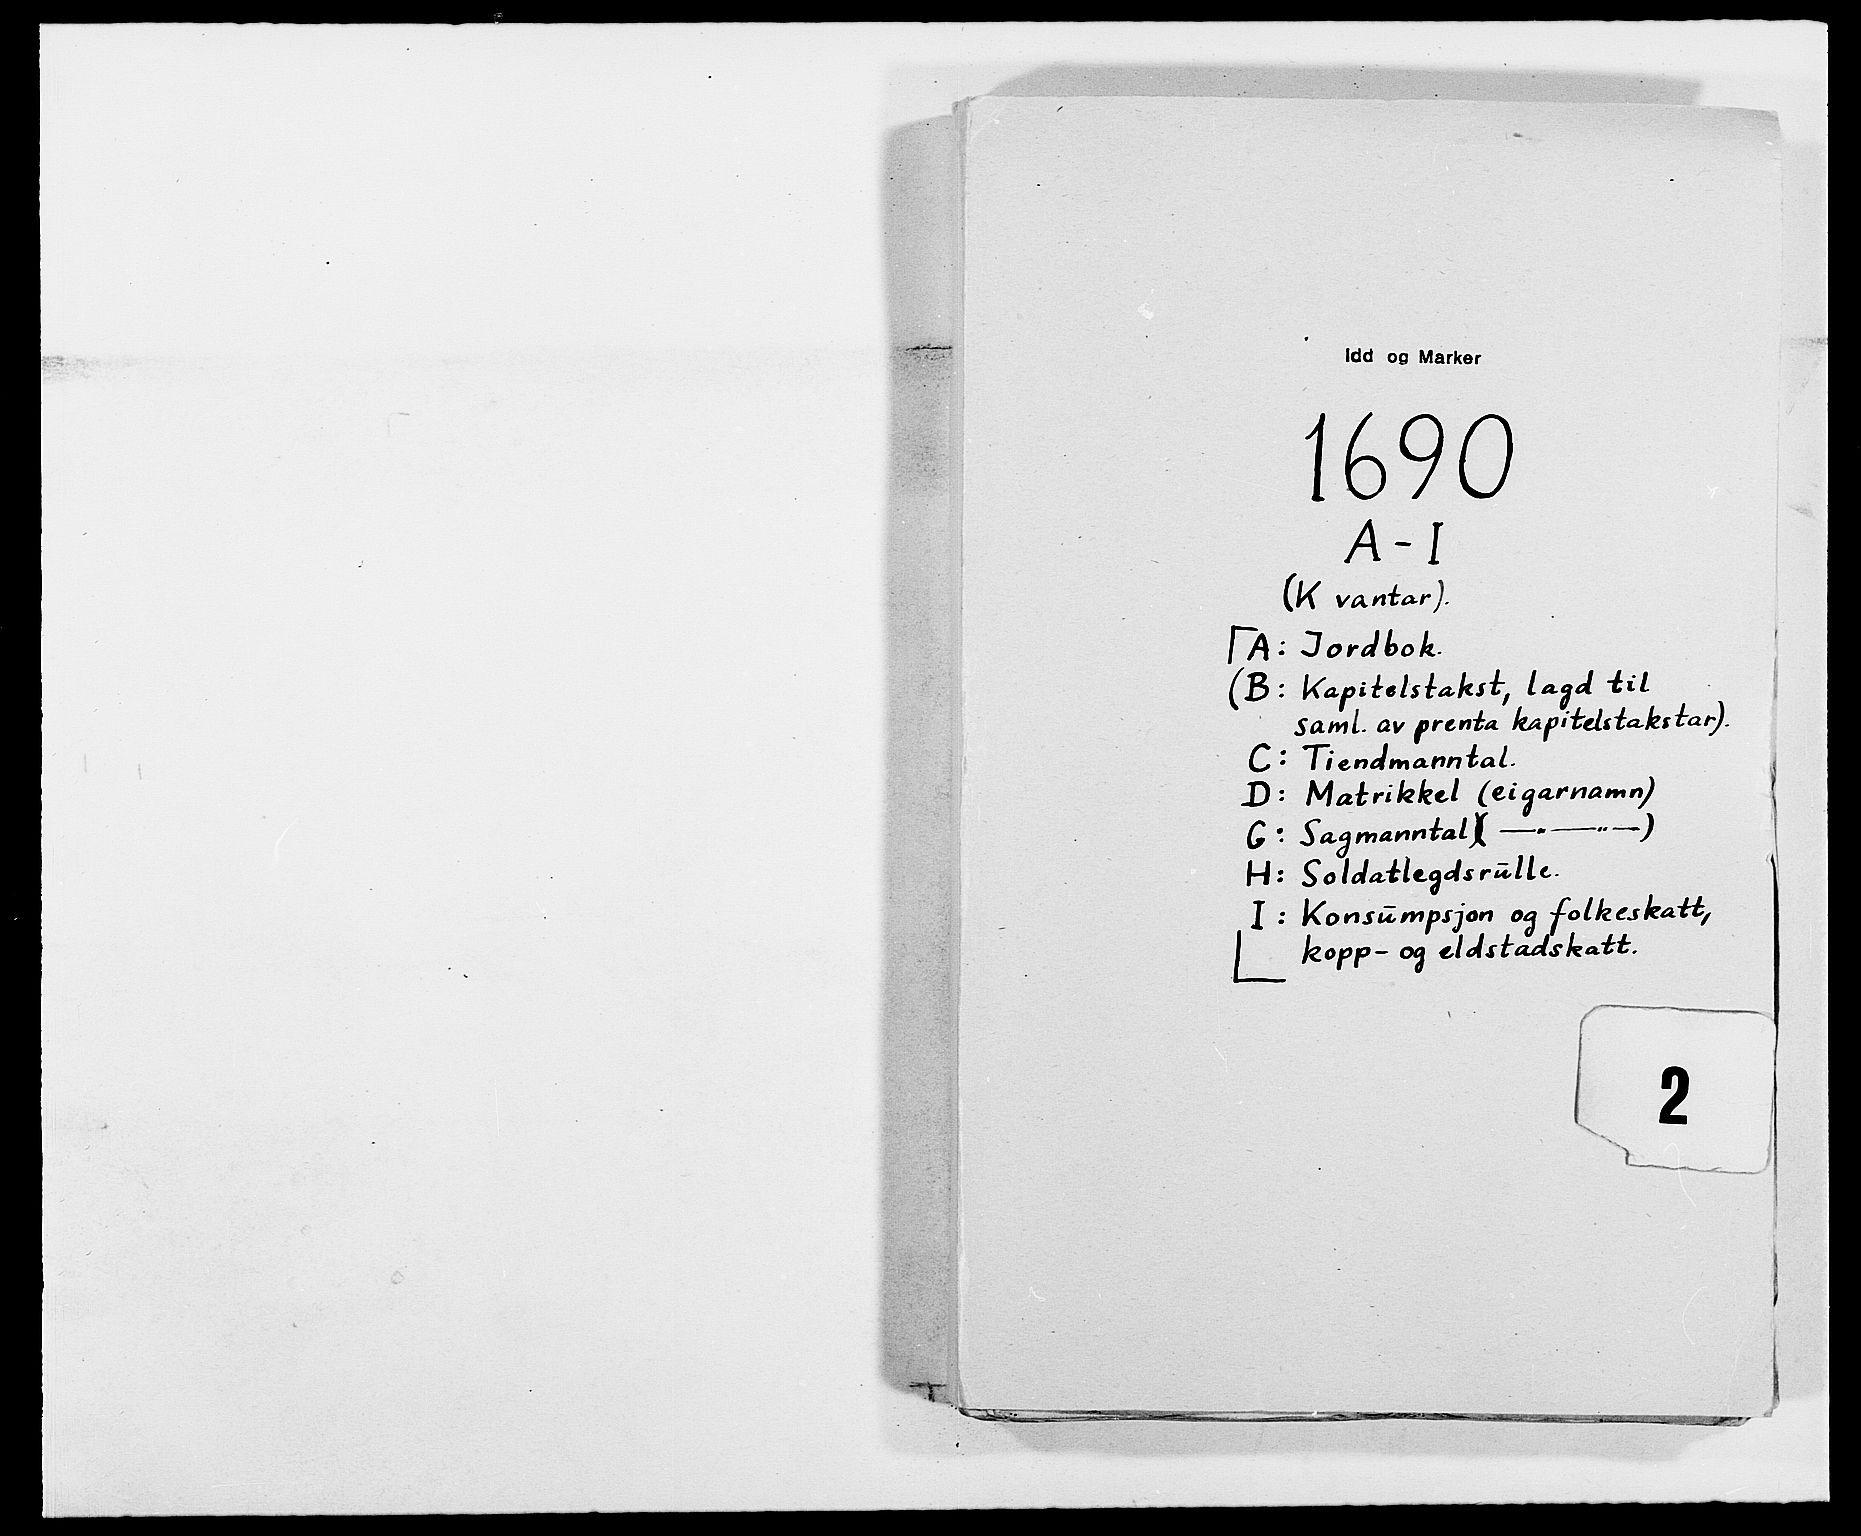 RA, Rentekammeret inntil 1814, Reviderte regnskaper, Fogderegnskap, R01/L0010: Fogderegnskap Idd og Marker, 1690-1691, s. 166